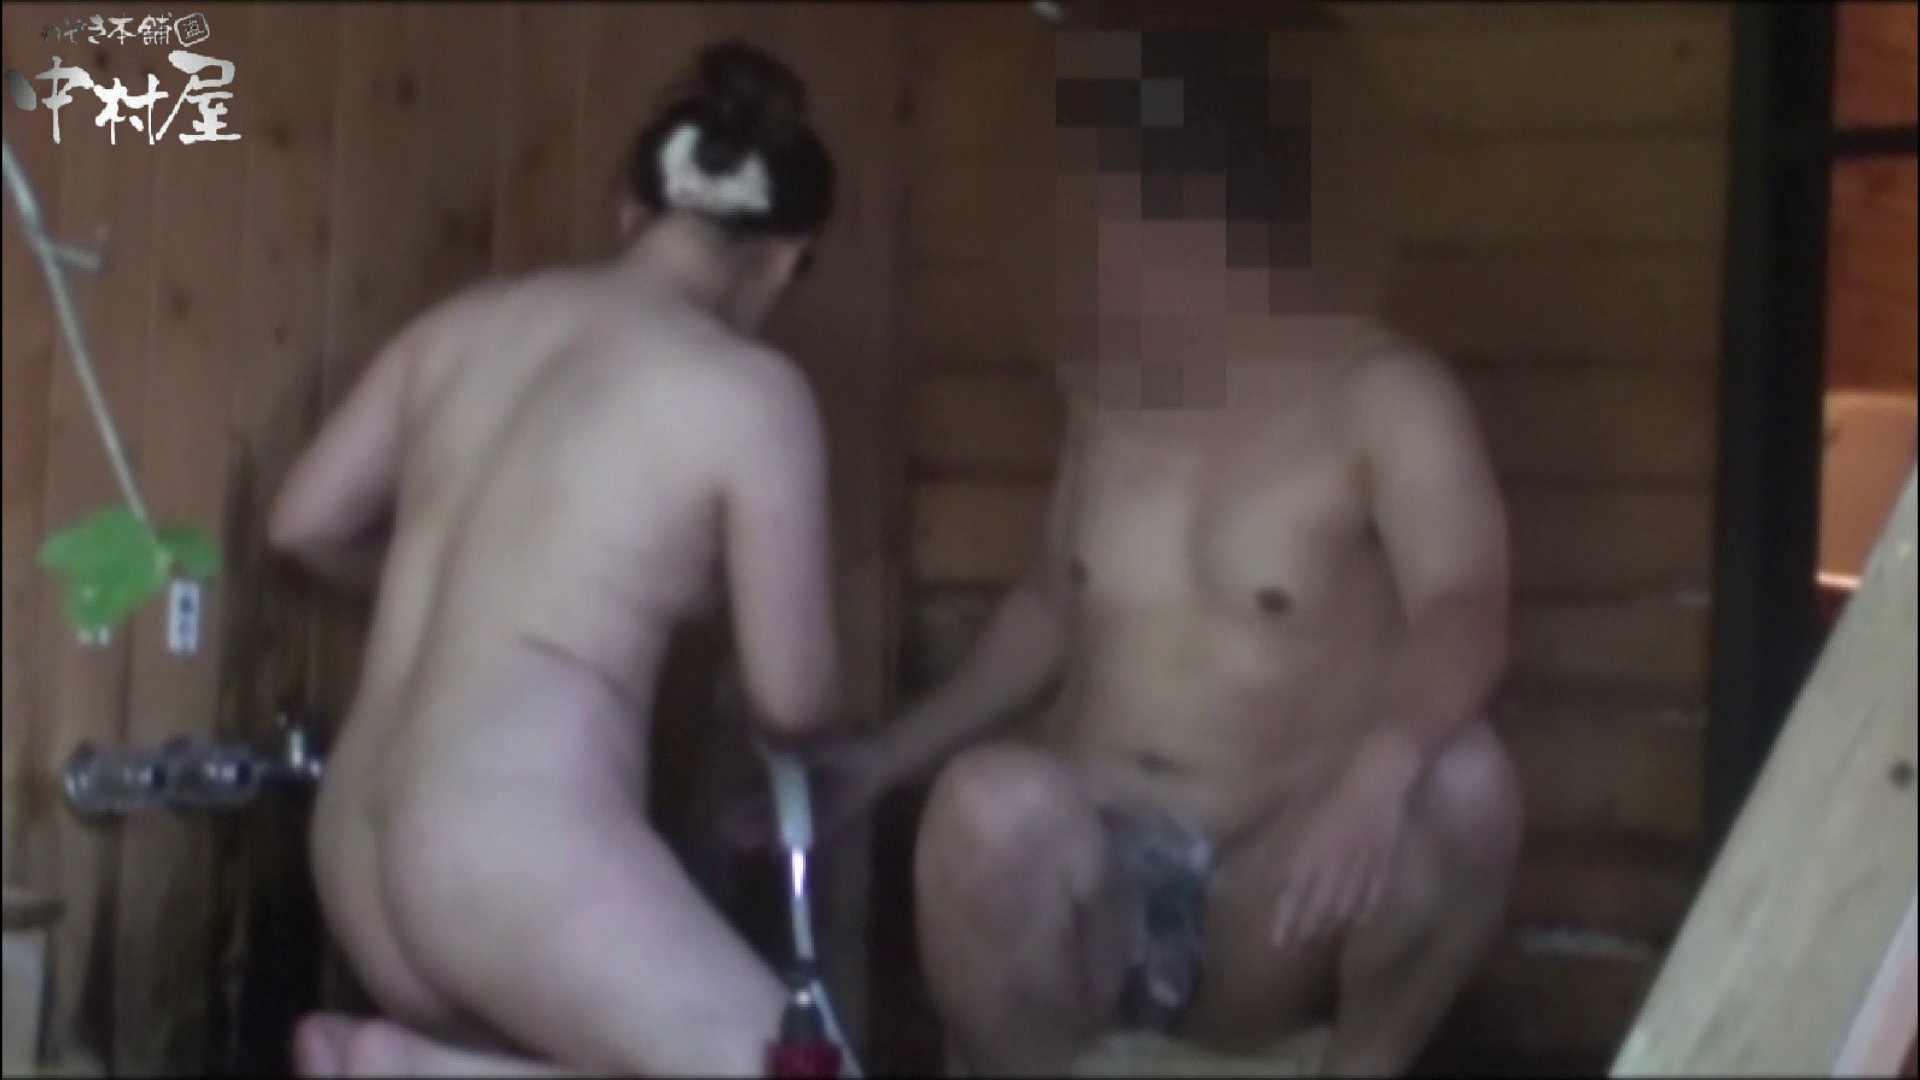 貸切露天 発情カップル! vol.03 入浴 盗撮動画紹介 110PIX 52